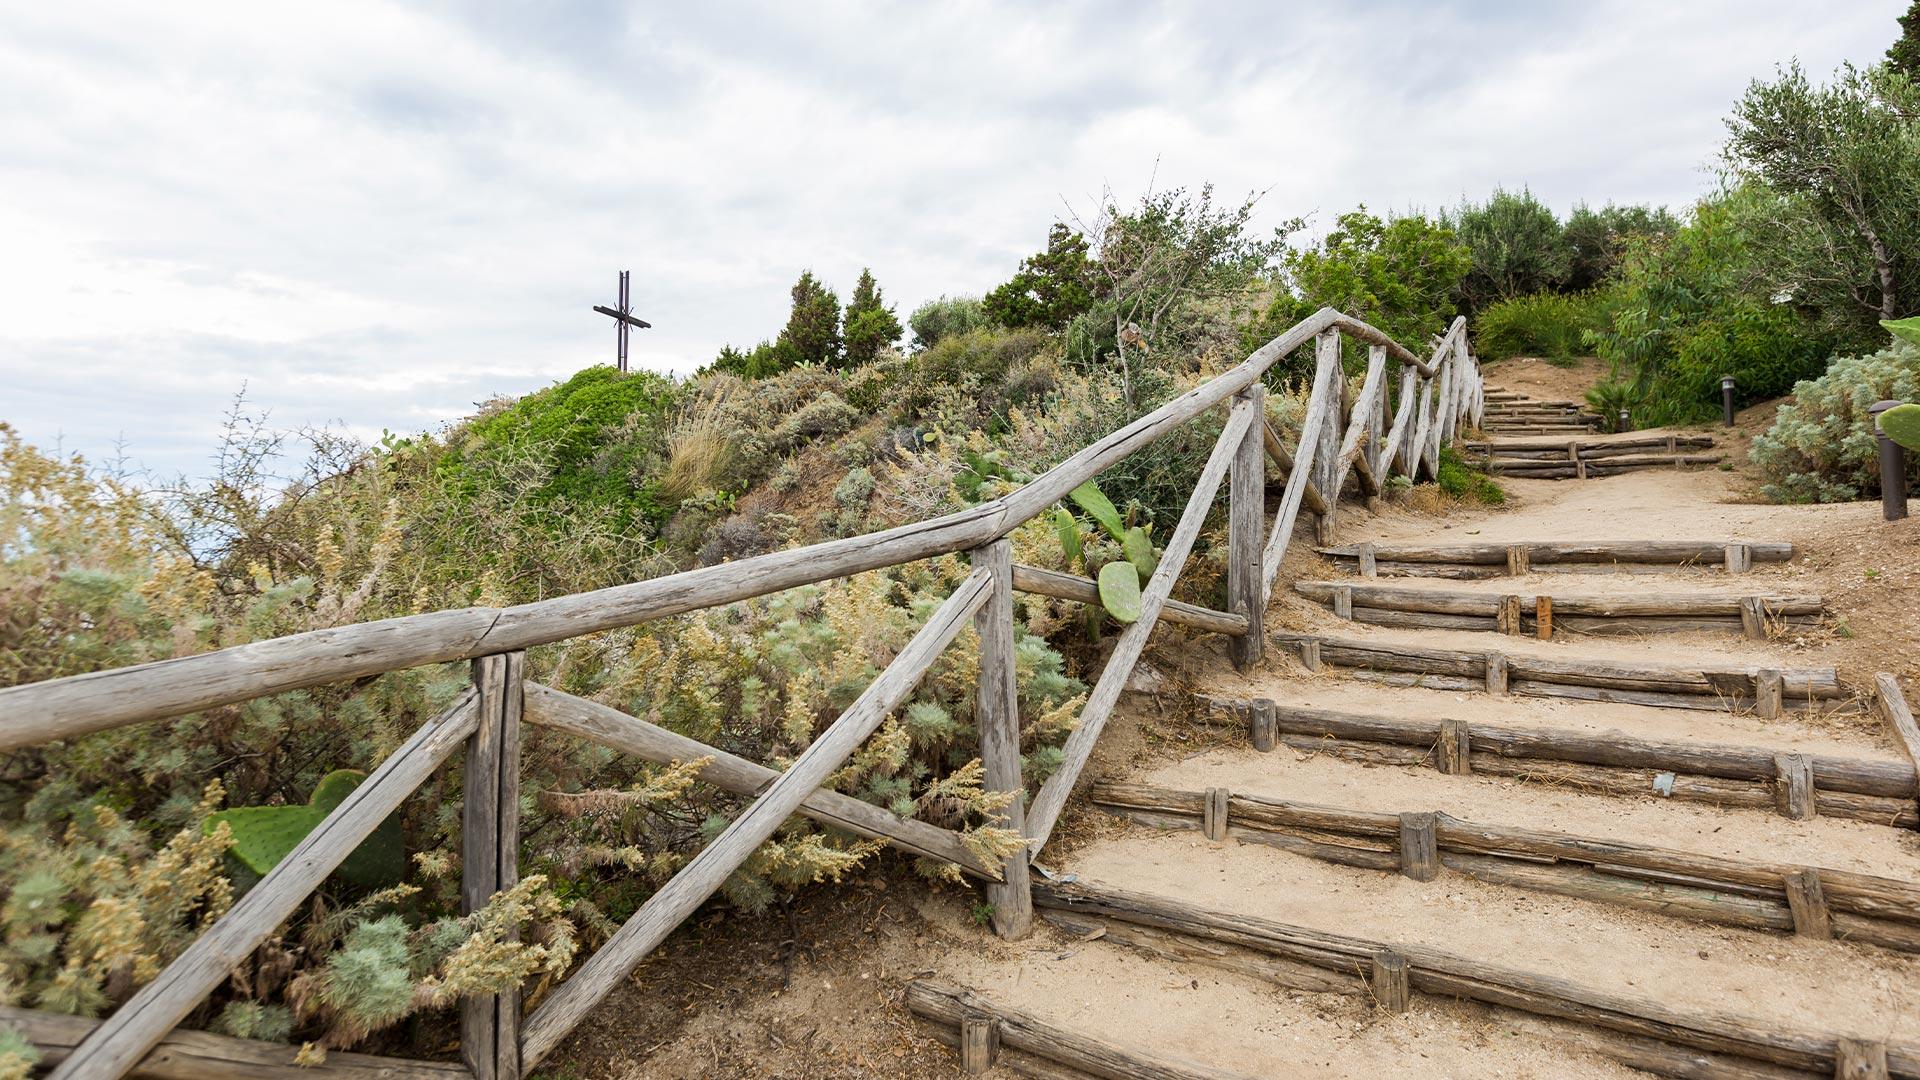 Escaleras - FOTOS y VÍDEOS 360 para descargar - Descargas360.com